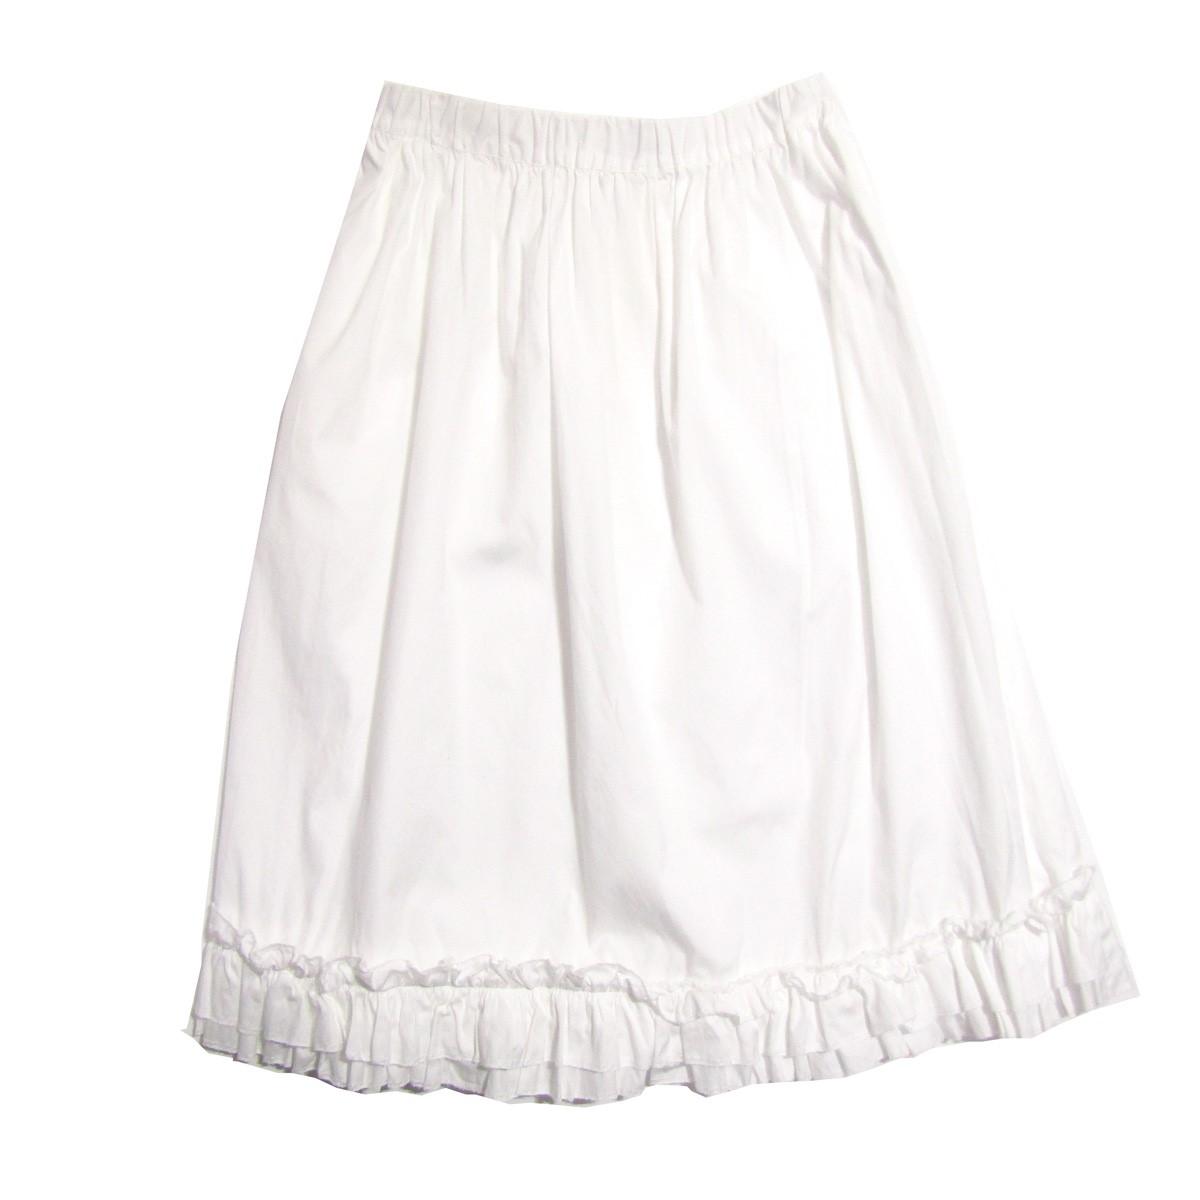 【中古】COMME des GARCONS COMME des GARCONS フリルコットンスカート ホワイト サイズ:XS 【090320】(コムデギャルソンコムデギャルソン)